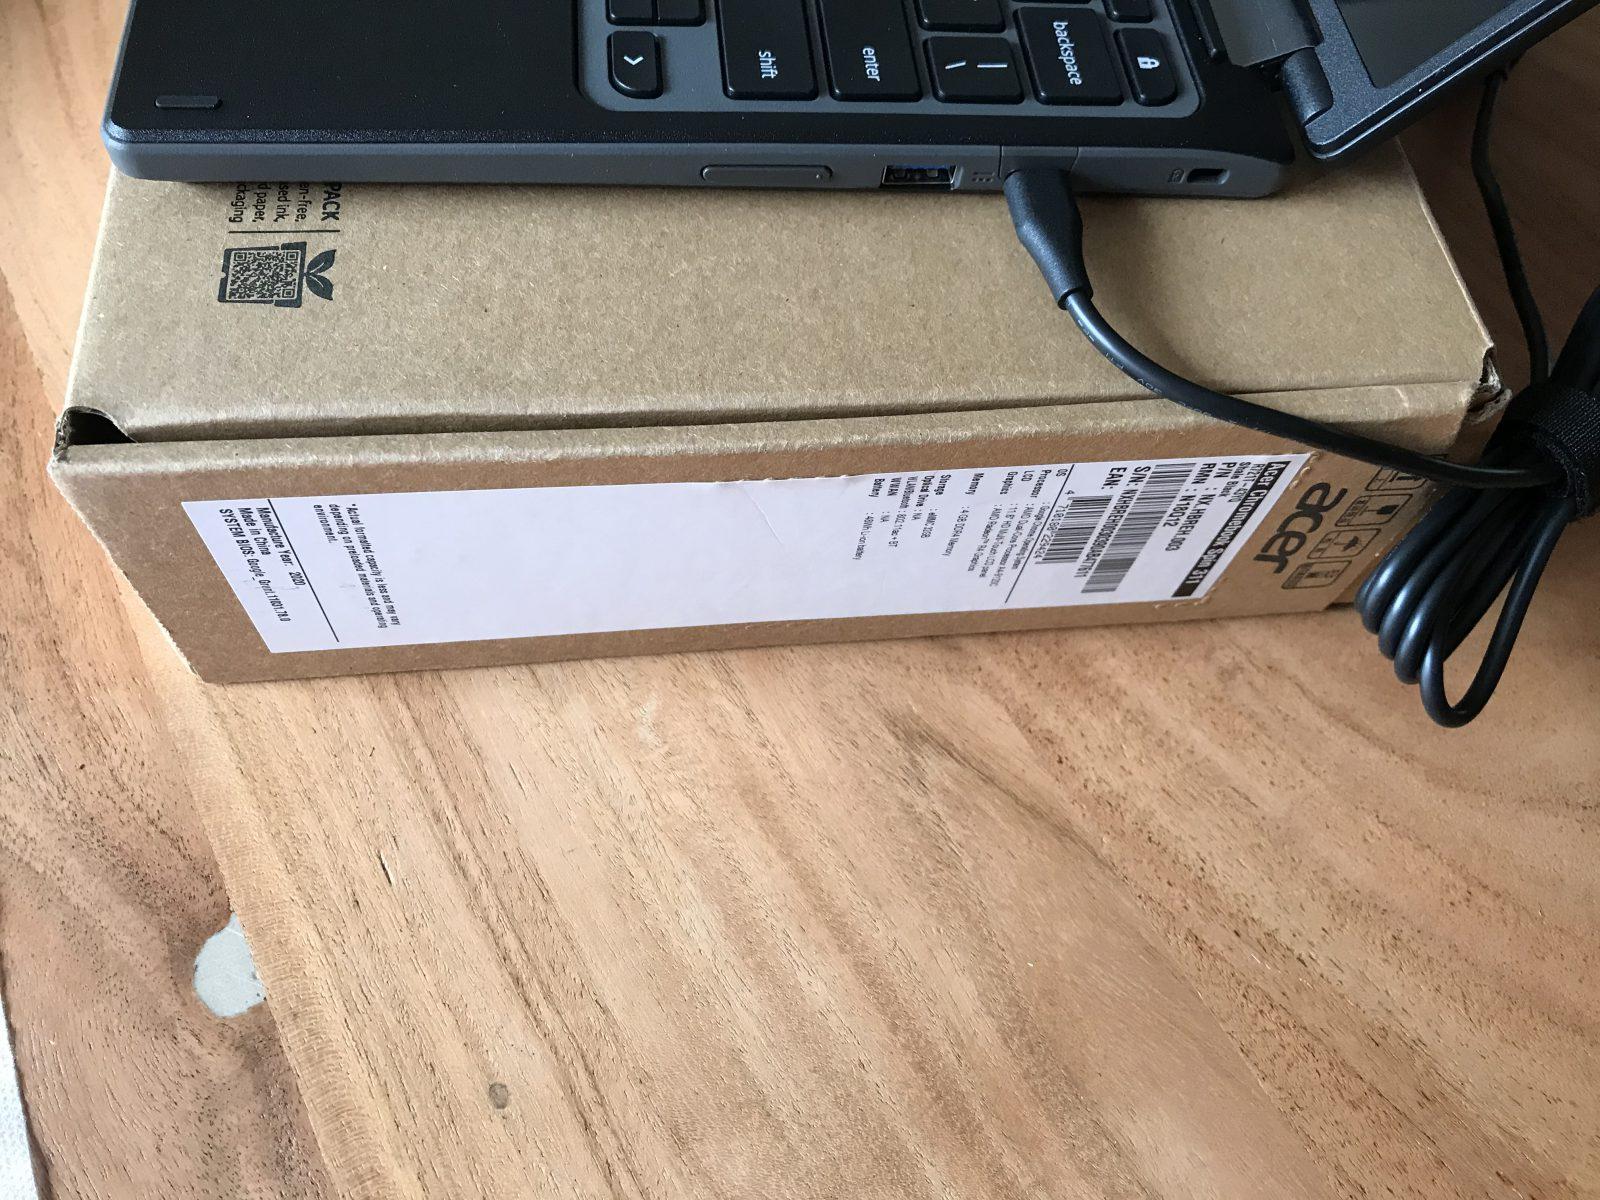 """Acer Chromebook Spin 31 (CP311-2H) 64gb 4gb ddr4 11.6"""" TOUCH Snelle en dunne Acer Chromebook Spin 311 CP311-2H-C3D64gb 4gb ddr4 11.6 inchTOUCH beeldschermnieuw in doos en garantie. Chromebook heeft een 360° flip design (360 graden kantelbaar).NIEUW IN DOOS."""